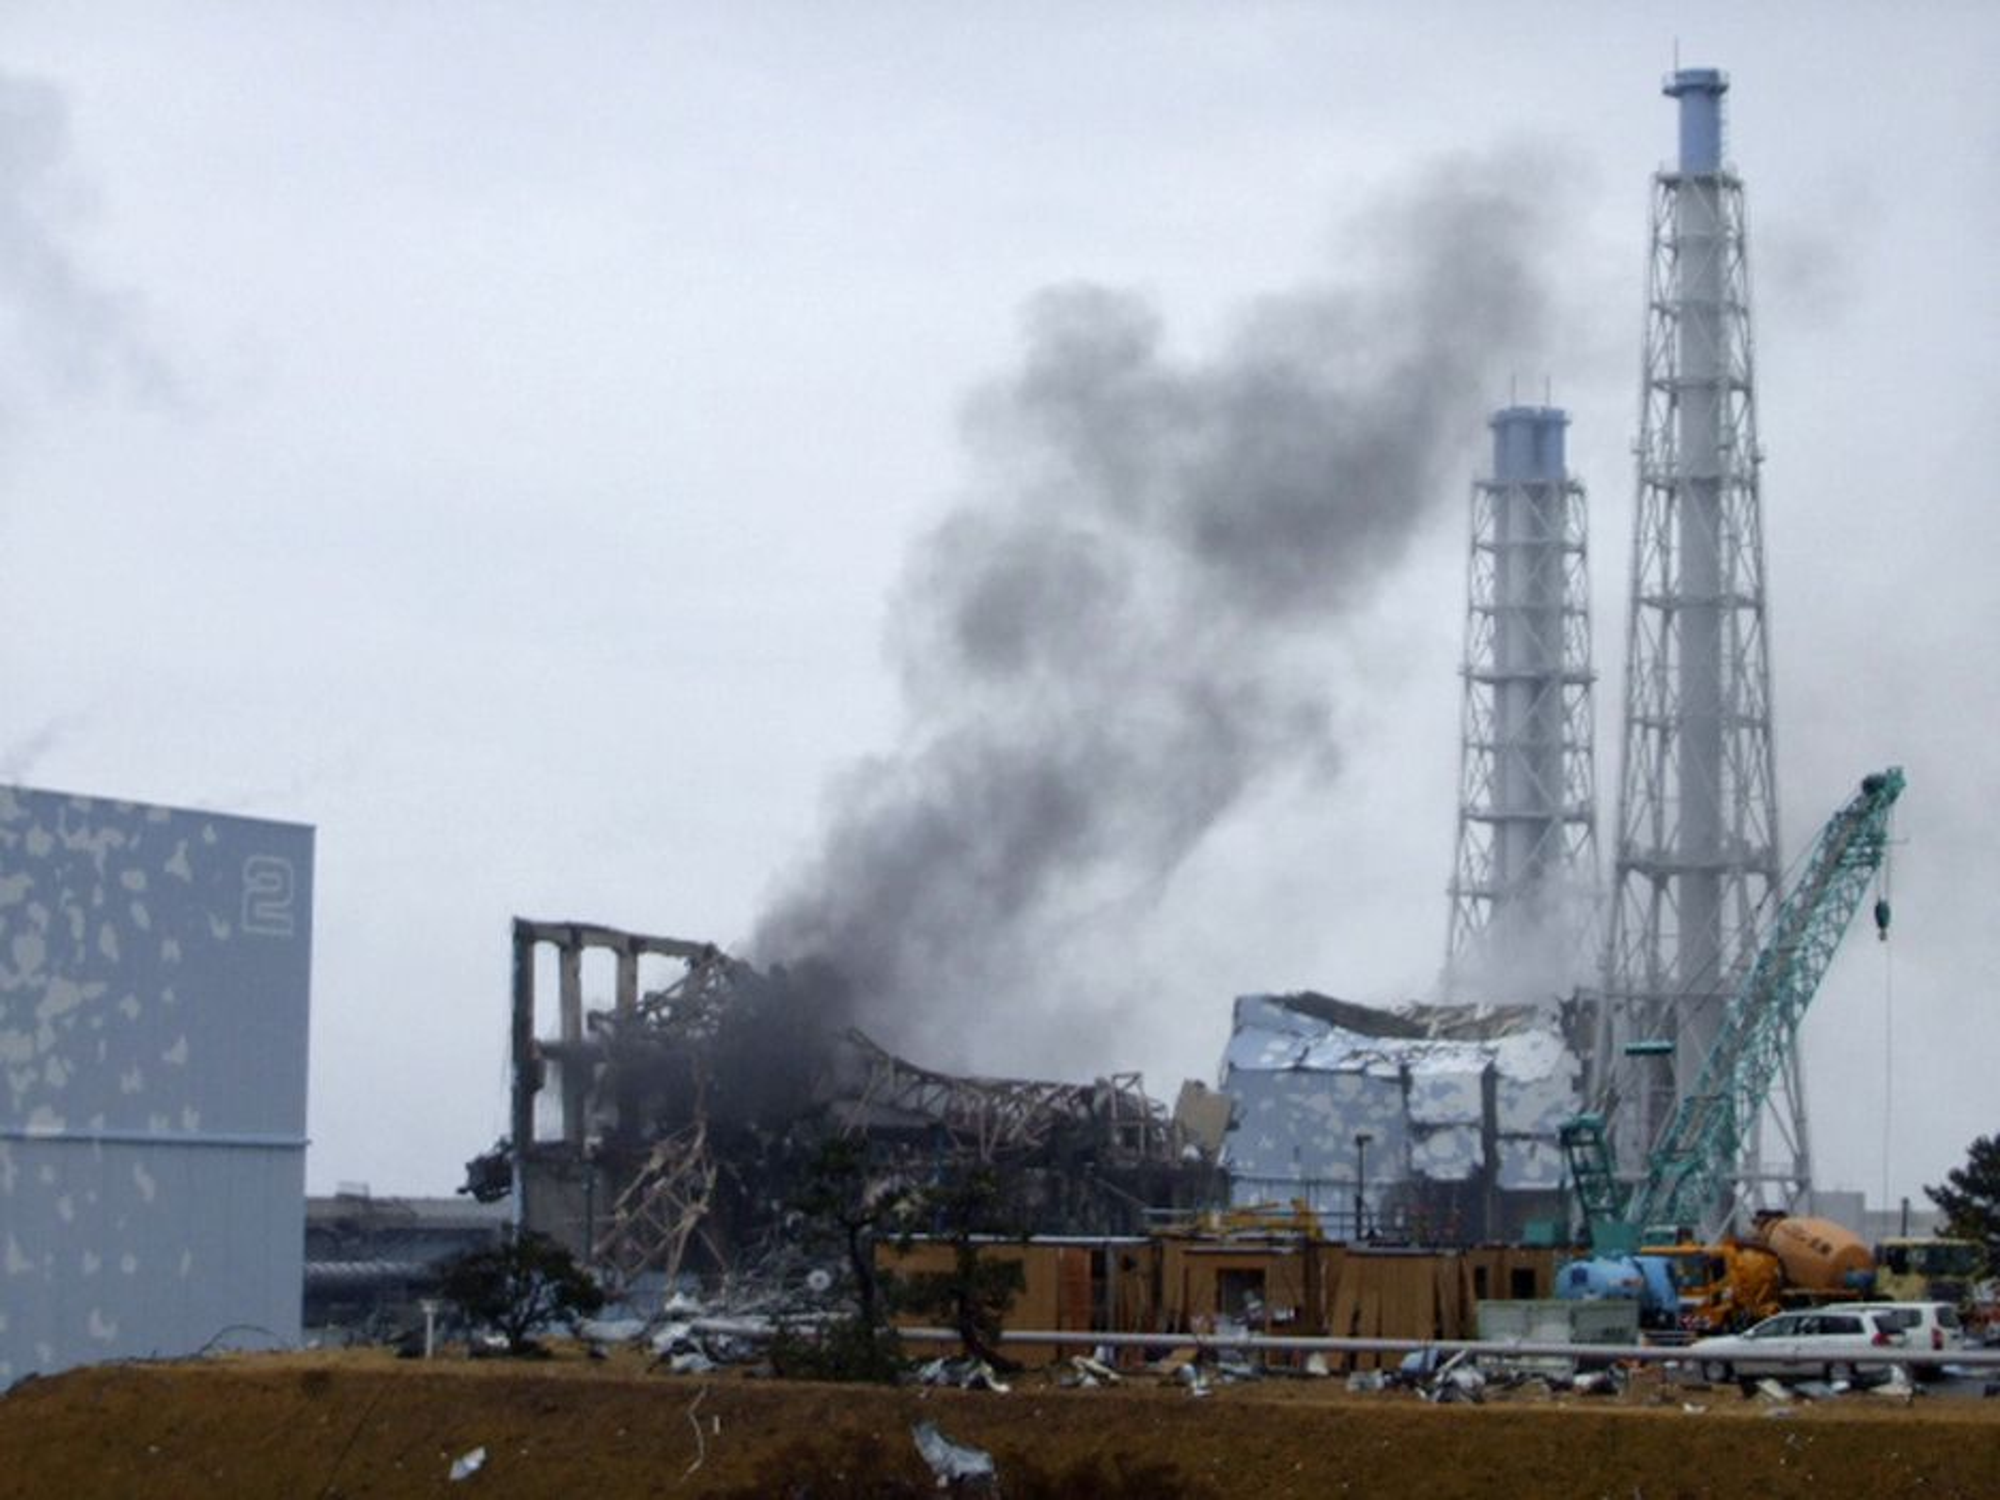 Flere ganger har det sluppet ut damp og røyk fra atomkraftverket Fukushima Daiichi siden det katastrofale jordskjelvet. I noen av utslippene har det trolig vært små mengder radioaktive stoffer.